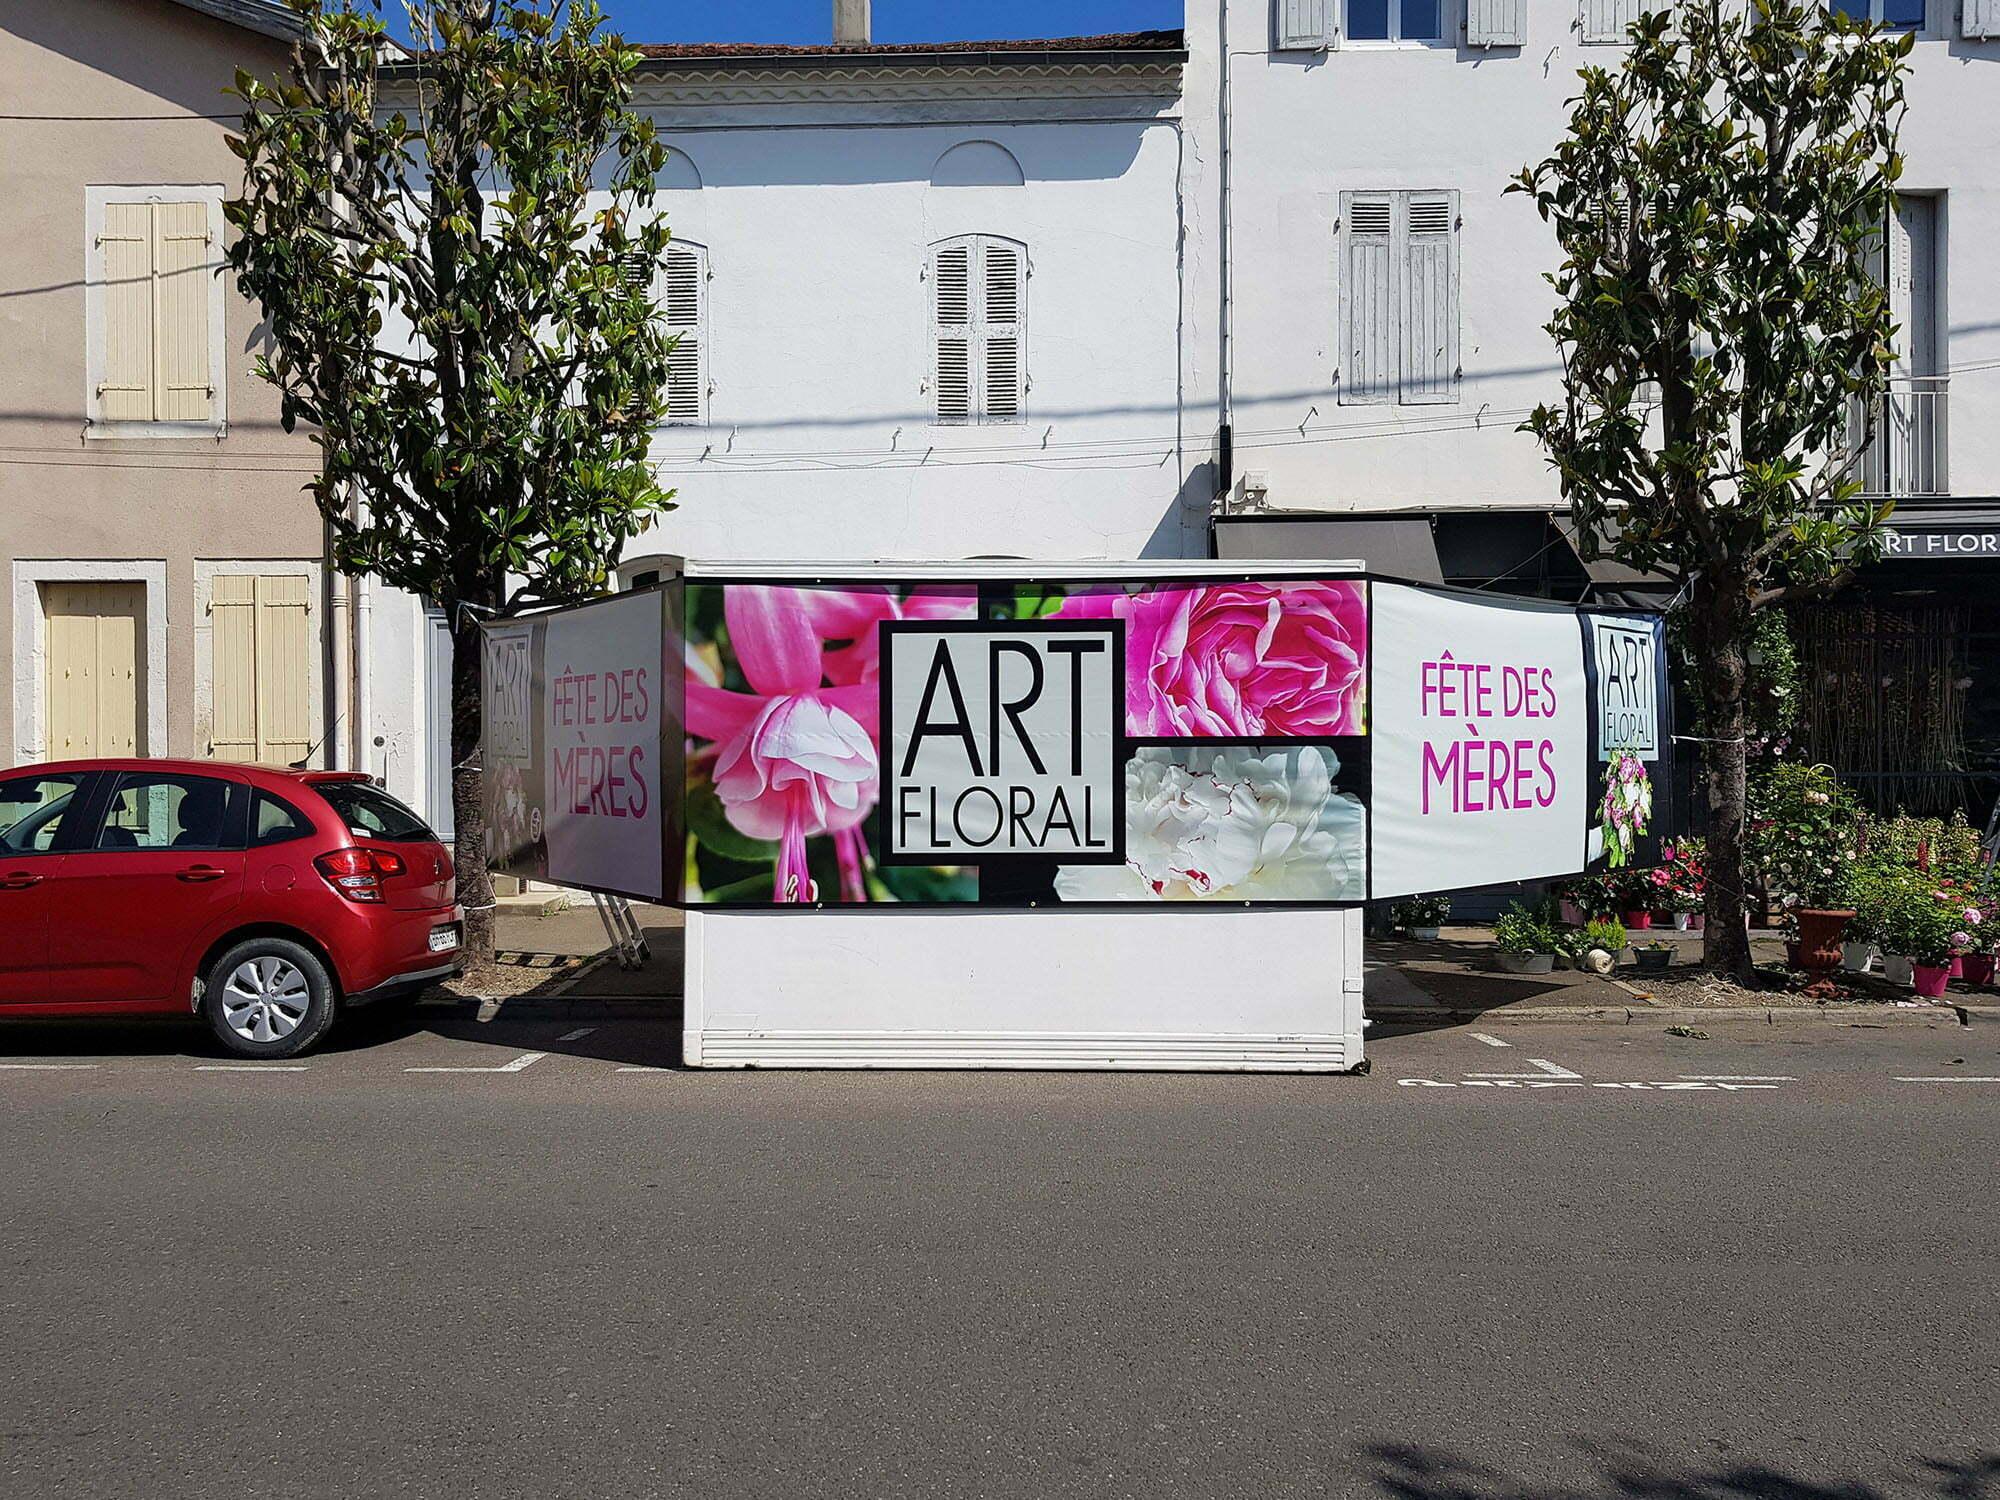 Création et impression bâche grand format Art floral